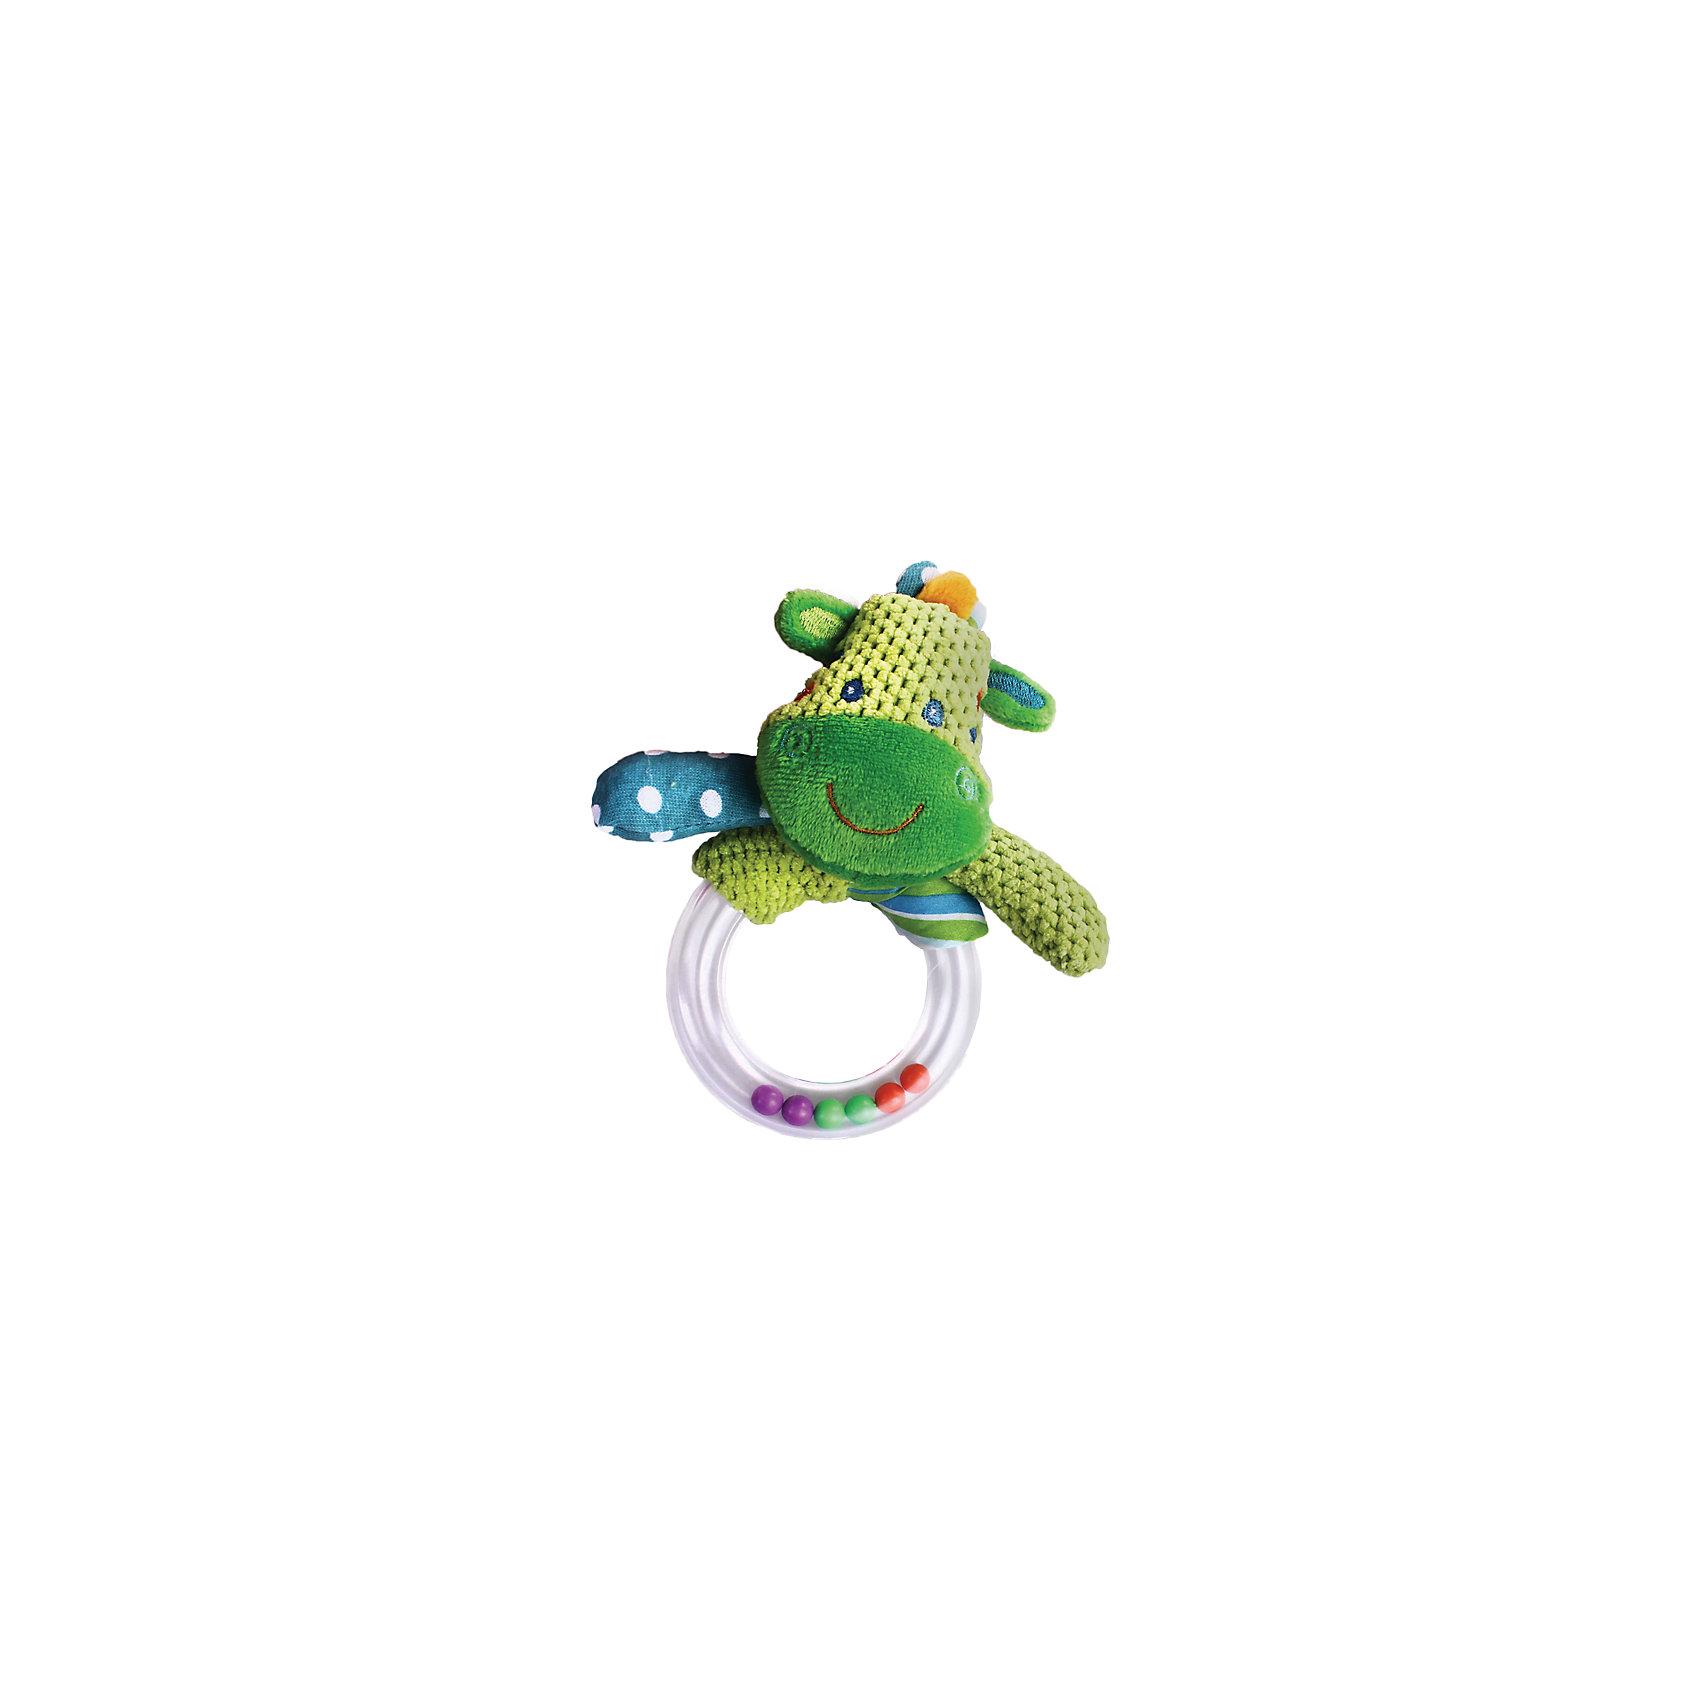 Погремушка Зебра, ЖирафикиПогремушки<br>Погремушка – классическая игрушка для малышей ясельного возраста. Погремушка издает приятный звук для ребенка, успокаивает его и помогает заснуть. Интересная погремушка из мягкого текстиля в виде зебры понравится всем деткам без исключения. Игрушку можно оставлять с малышом и давать ему играть без присмотра взрослых, так как в ней нет опасных элементов и мелких деталей. Материалы, использованные при изготовлении товара, абсолютно безопасны и отвечают всем международным требованиям по качеству.<br><br>Дополнительные характеристики:<br><br>материал: текстиль, пластик;<br>цвет: разноцветный;<br>габариты: 8 X 4 X 18 см.<br><br>Погремушку Зебра от компании Жирафики можно приобрести в нашем магазине.<br><br>Ширина мм: 520<br>Глубина мм: 300<br>Высота мм: 350<br>Вес г: 59<br>Возраст от месяцев: 3<br>Возраст до месяцев: 36<br>Пол: Унисекс<br>Возраст: Детский<br>SKU: 5032566